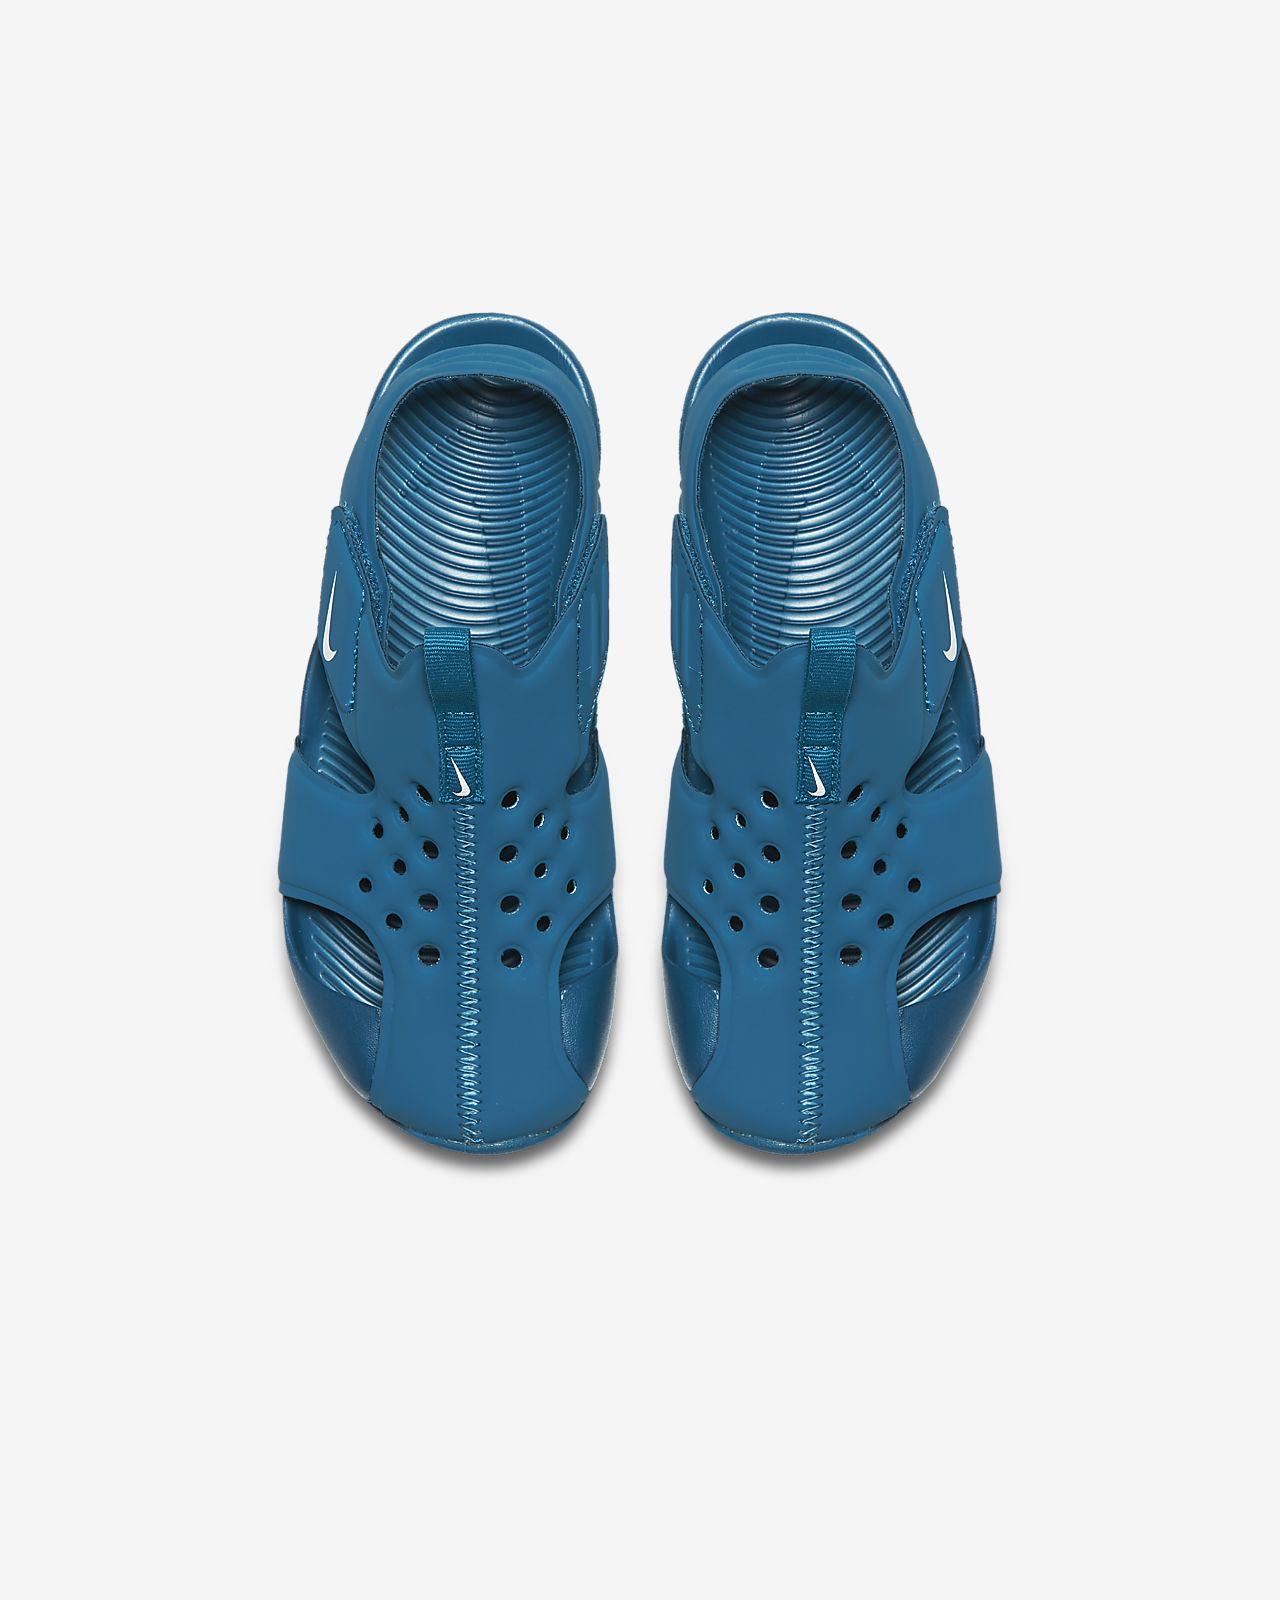 Sandalia Nike Sunray Protect 2 para niños pequeños